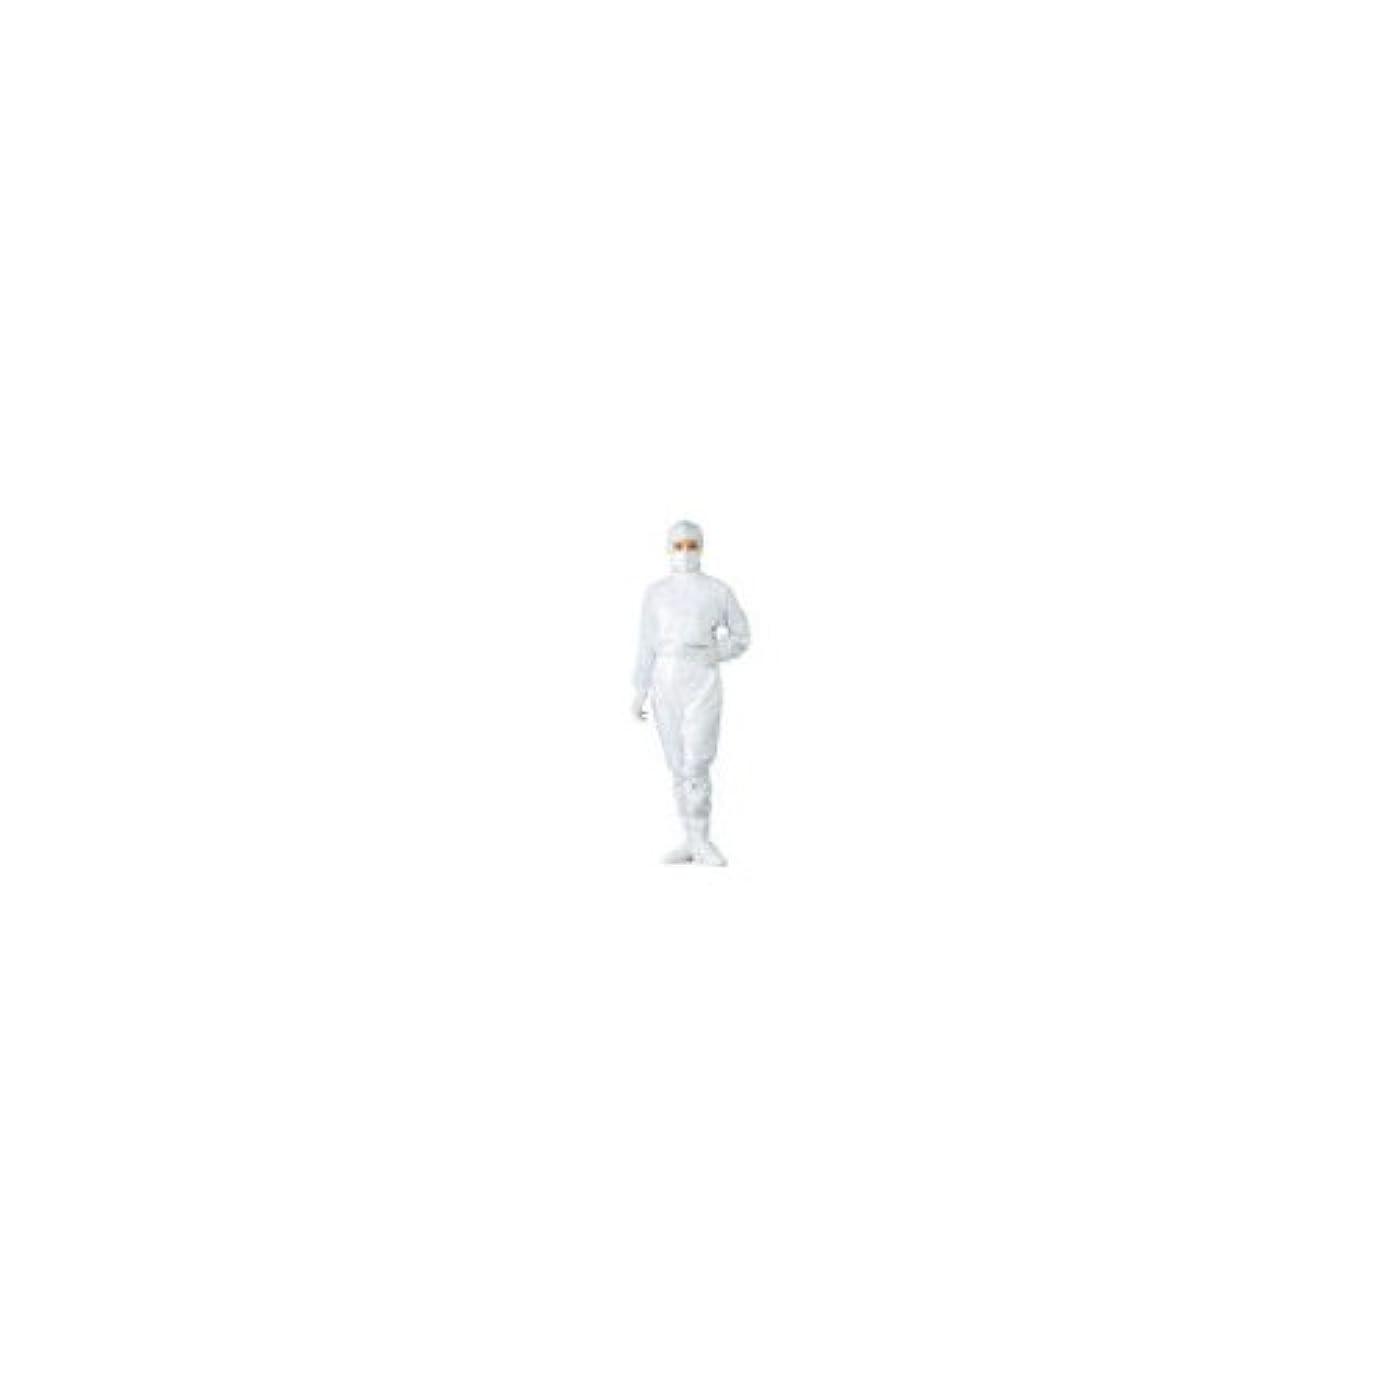 自慢サンプルオアシスLinet クリーンスーツ S ホワイト FH199C-01-S [その他]